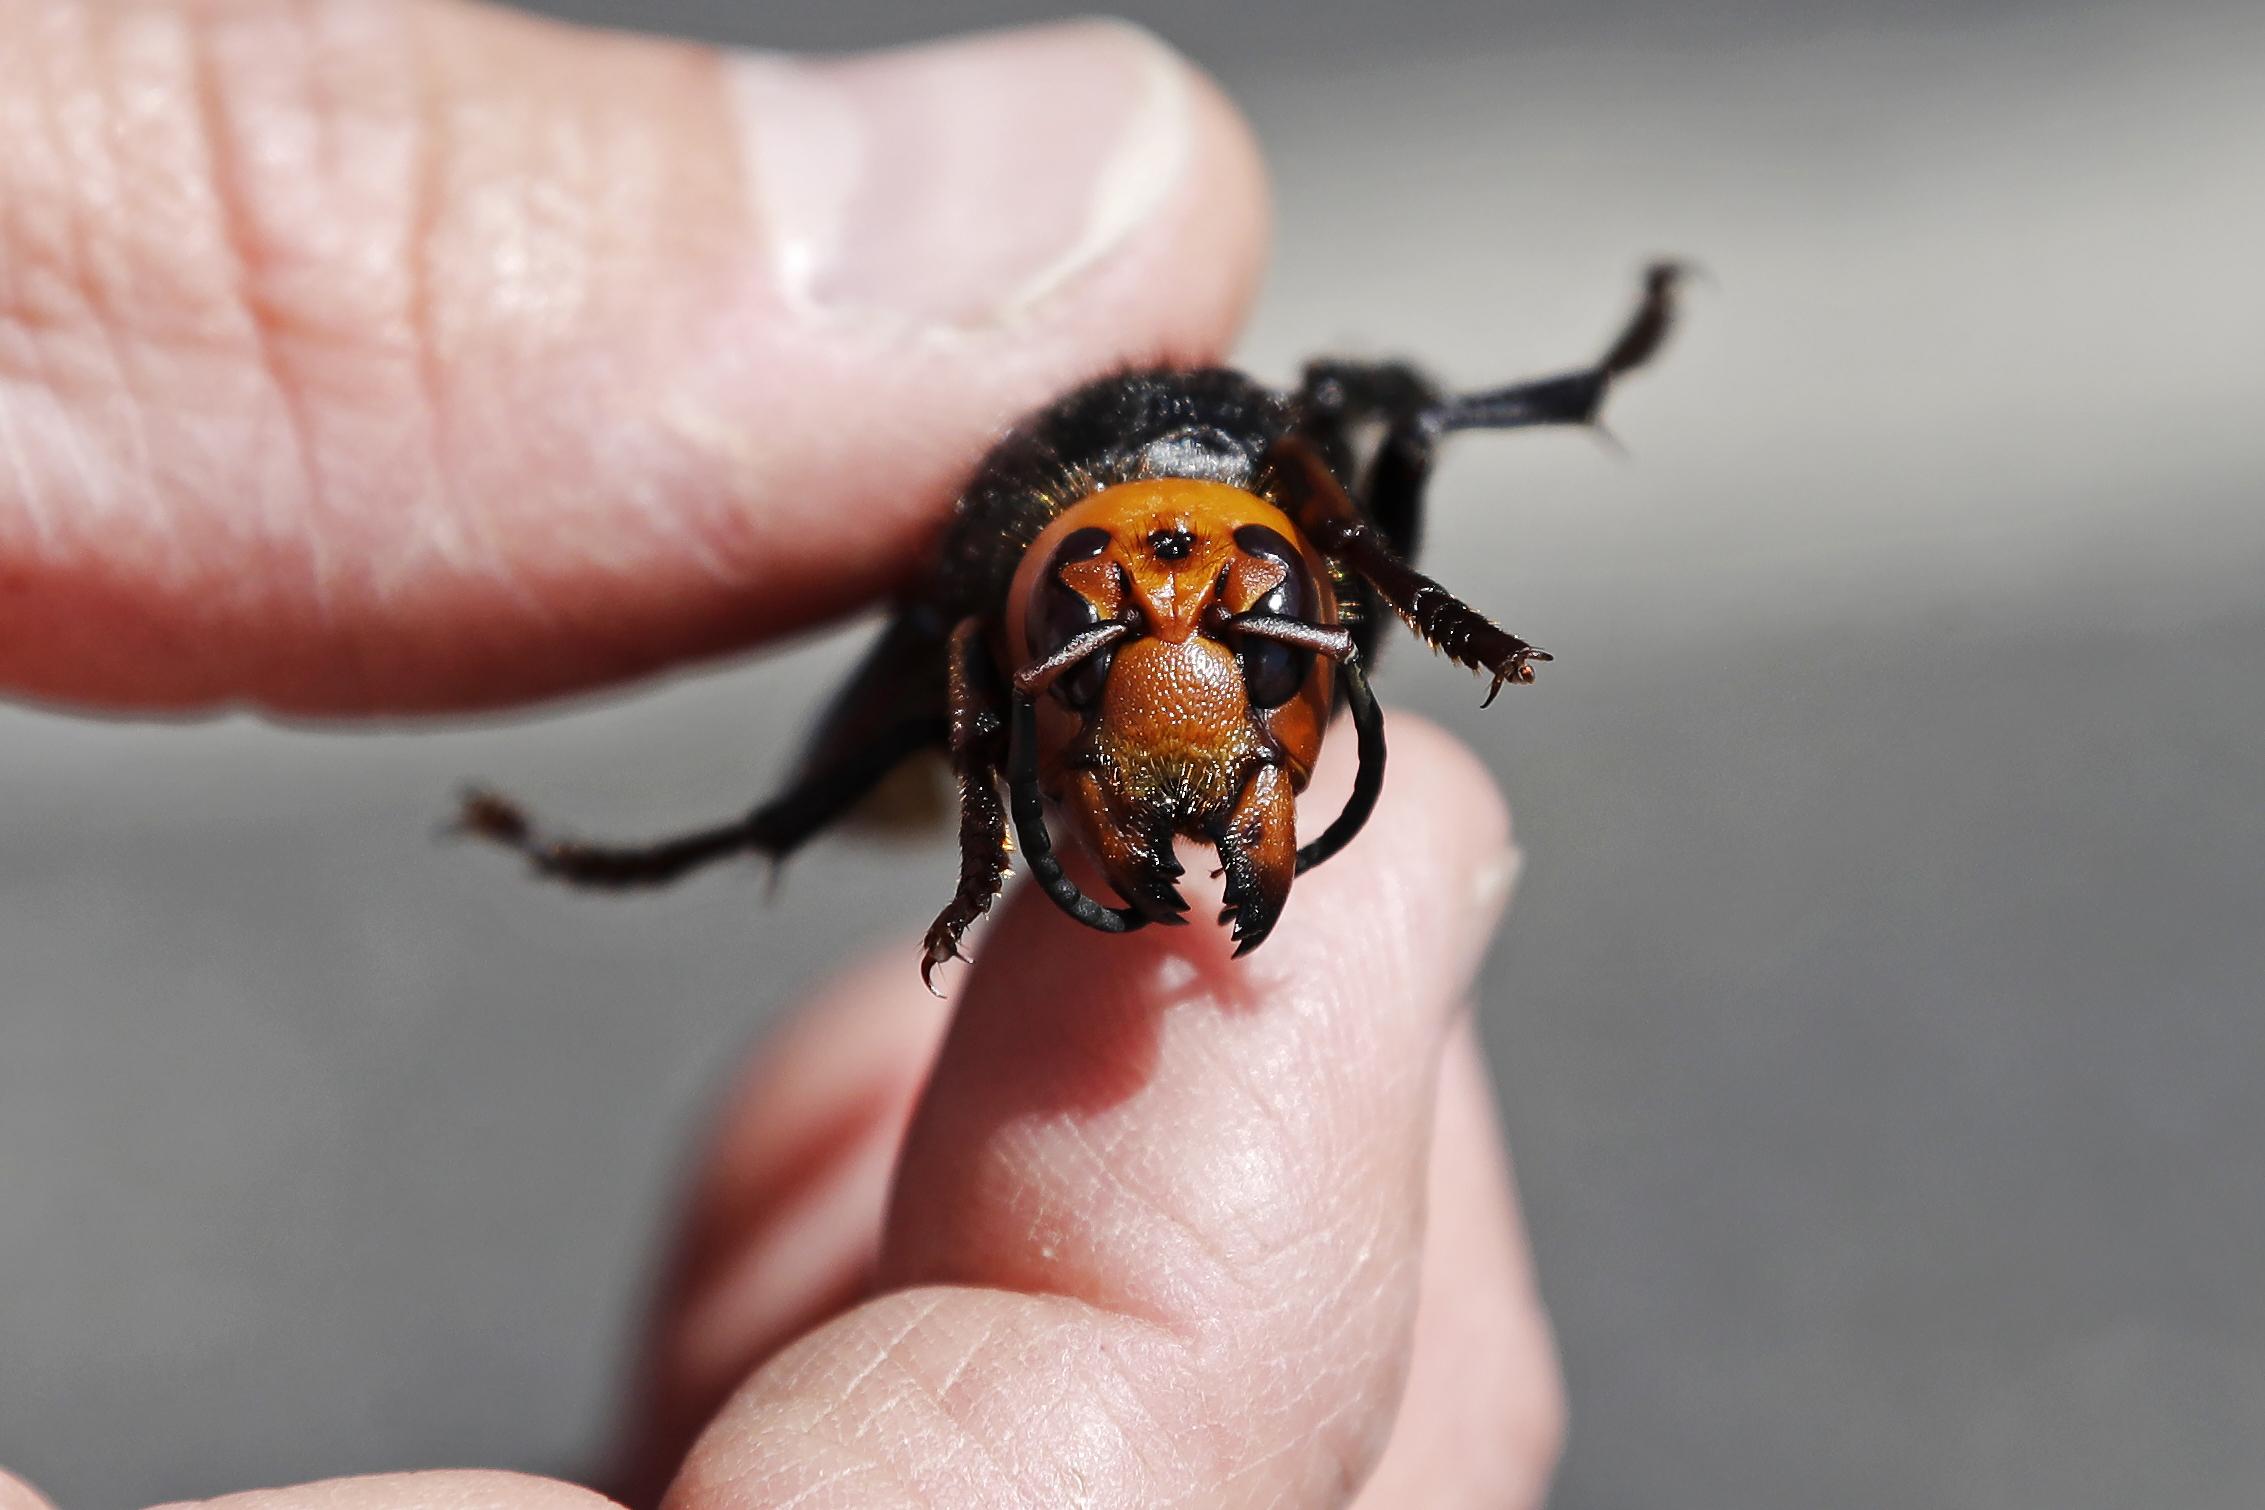 First 'murder hornet' nest in US found in Blaine